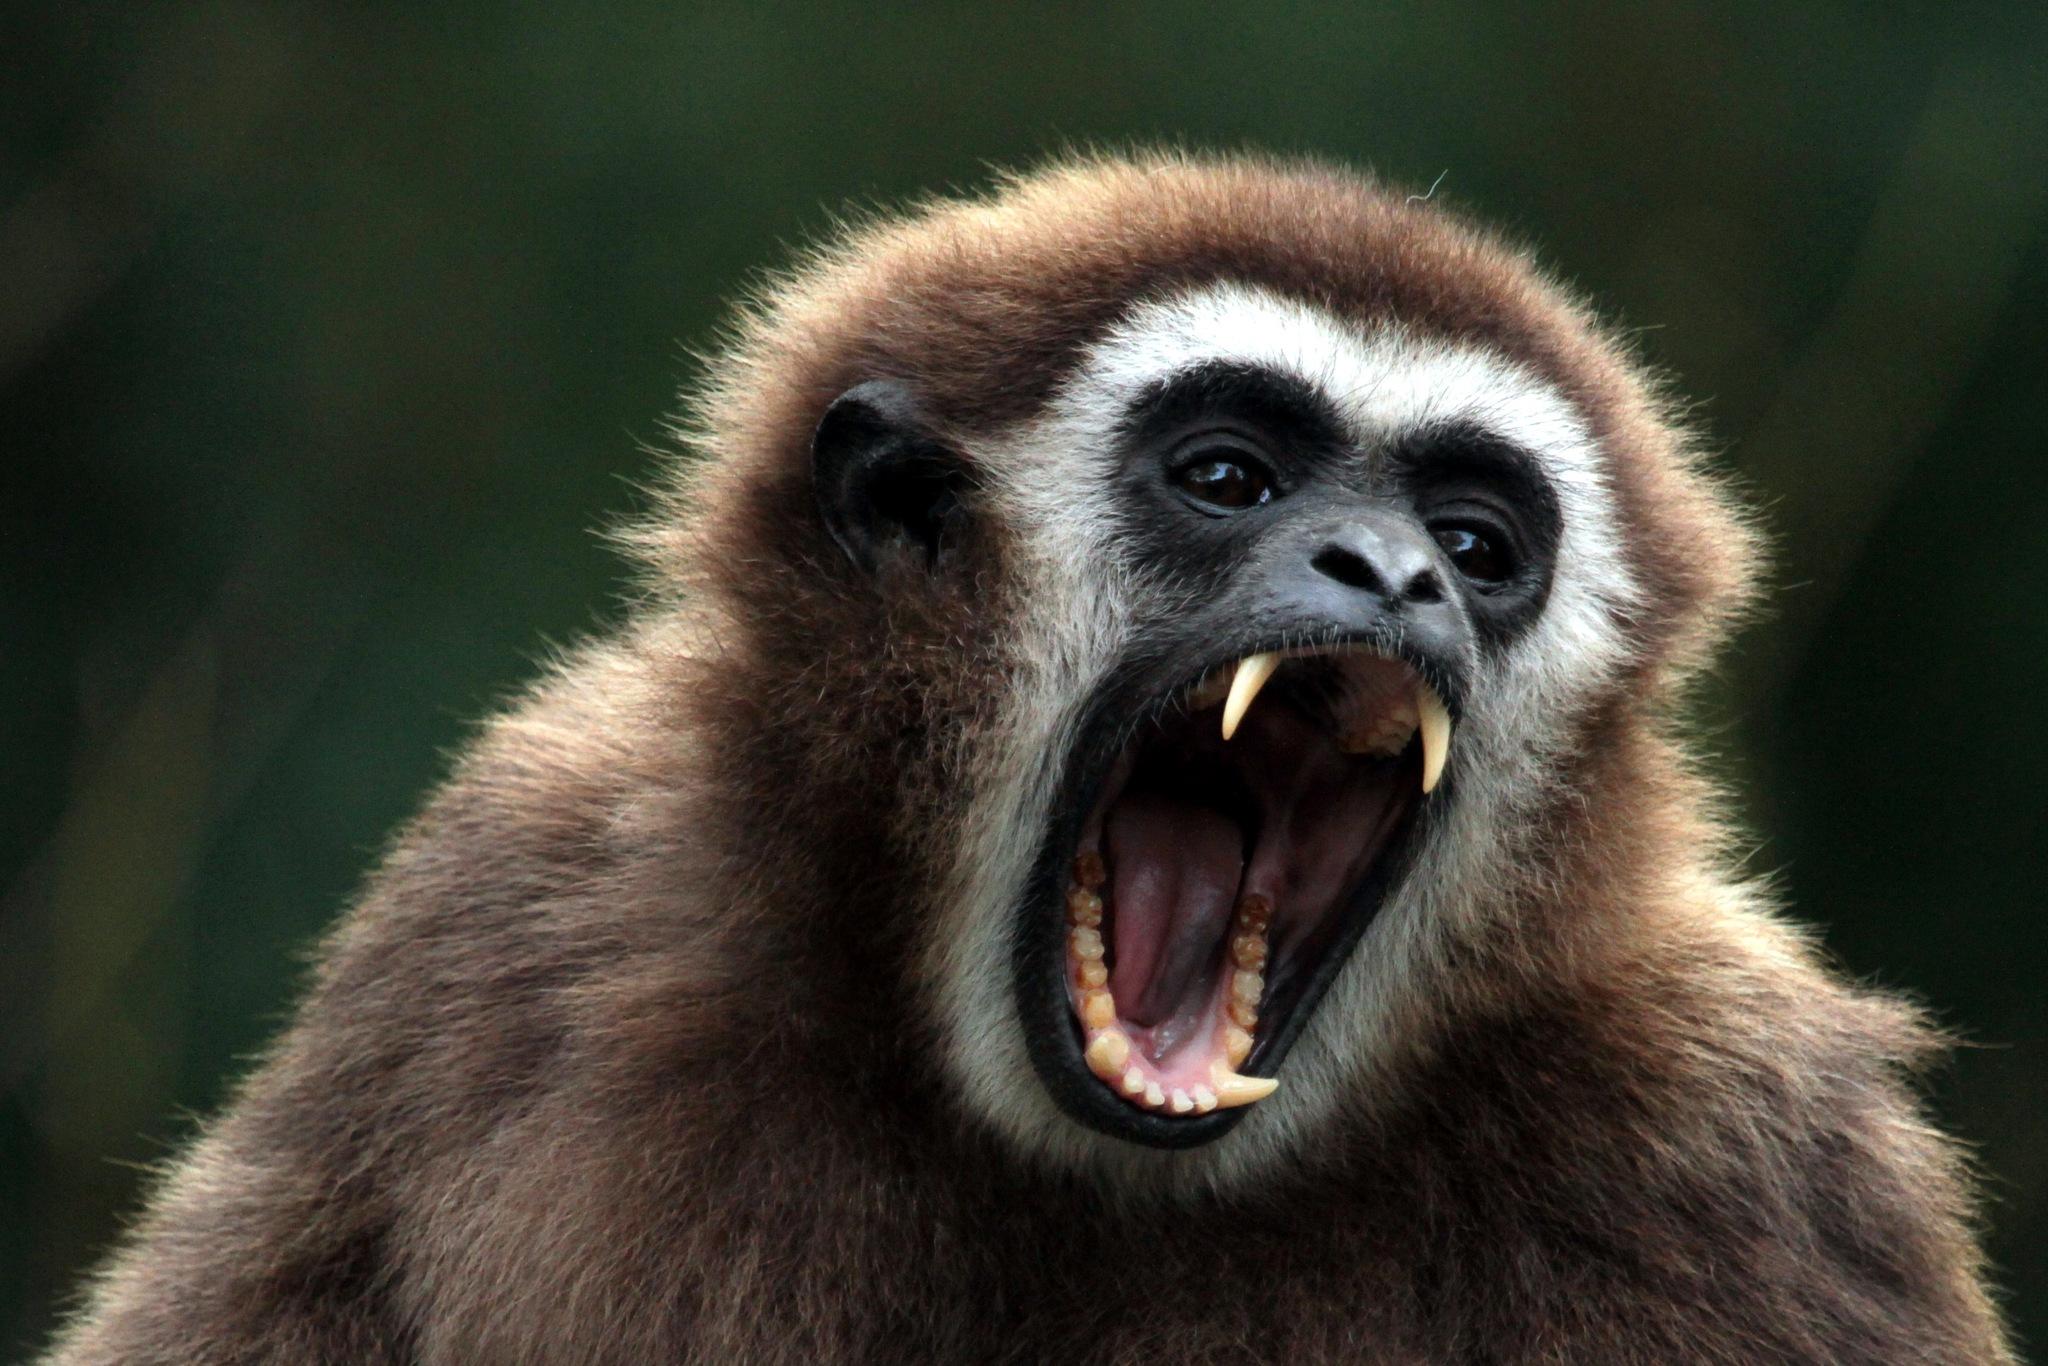 Monkey by henkschneider